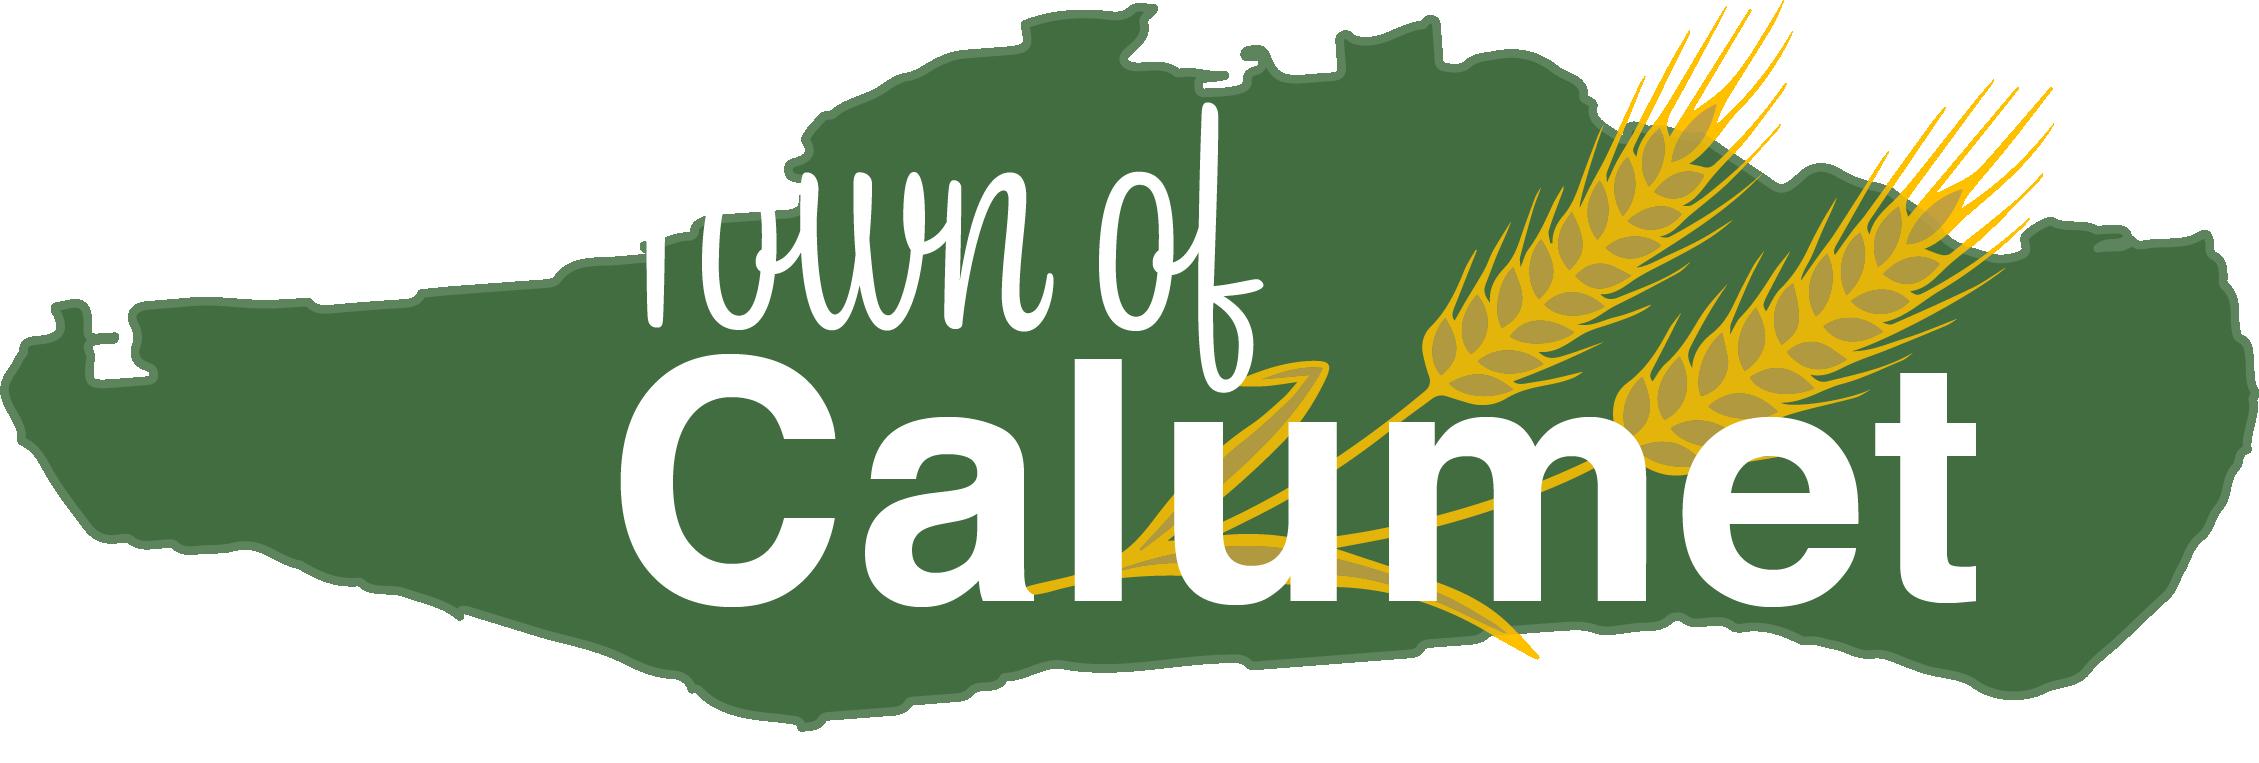 Town of Calumet